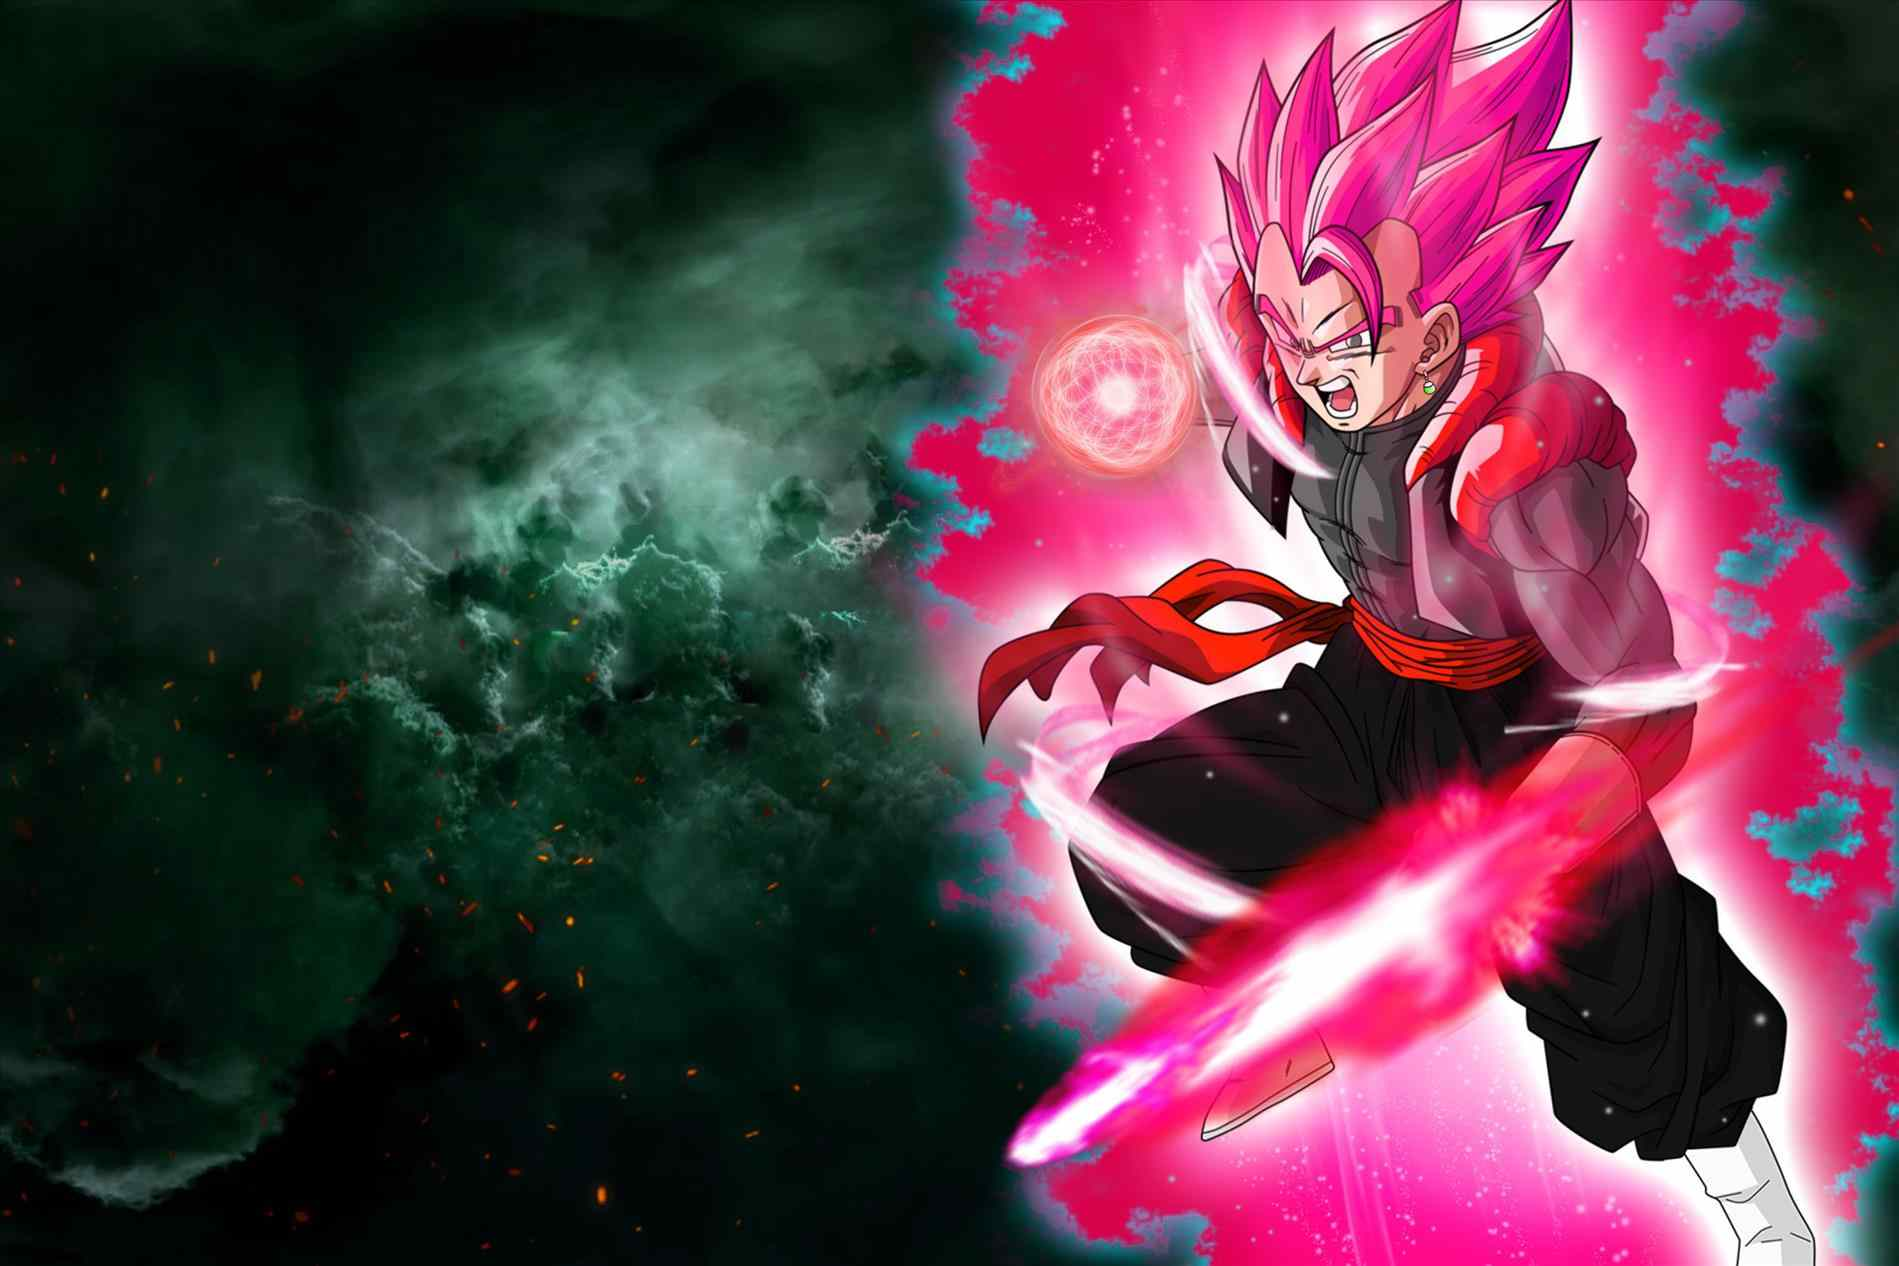 Super Saiyan Rose Wallpaper Hd: Super Saiyan Rose Wallpapers